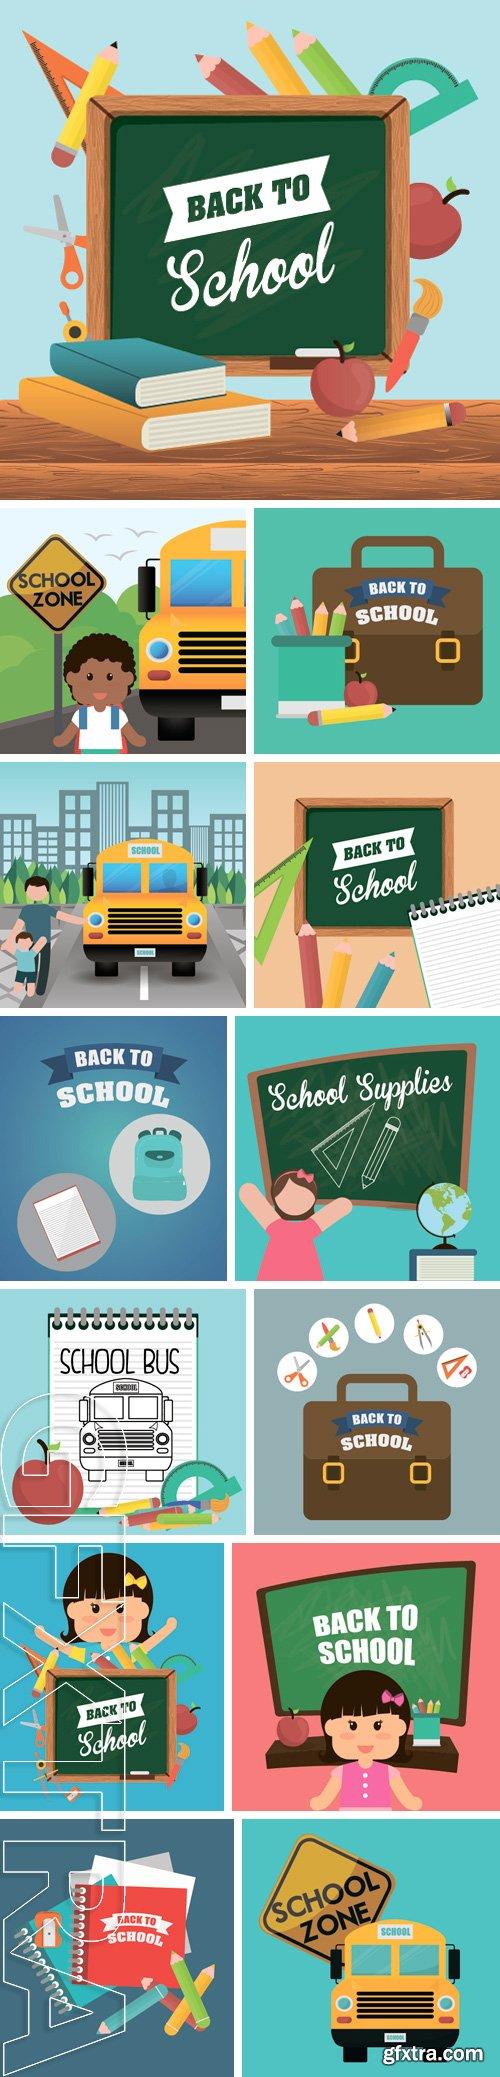 Stock Vectors - Back to school digital design